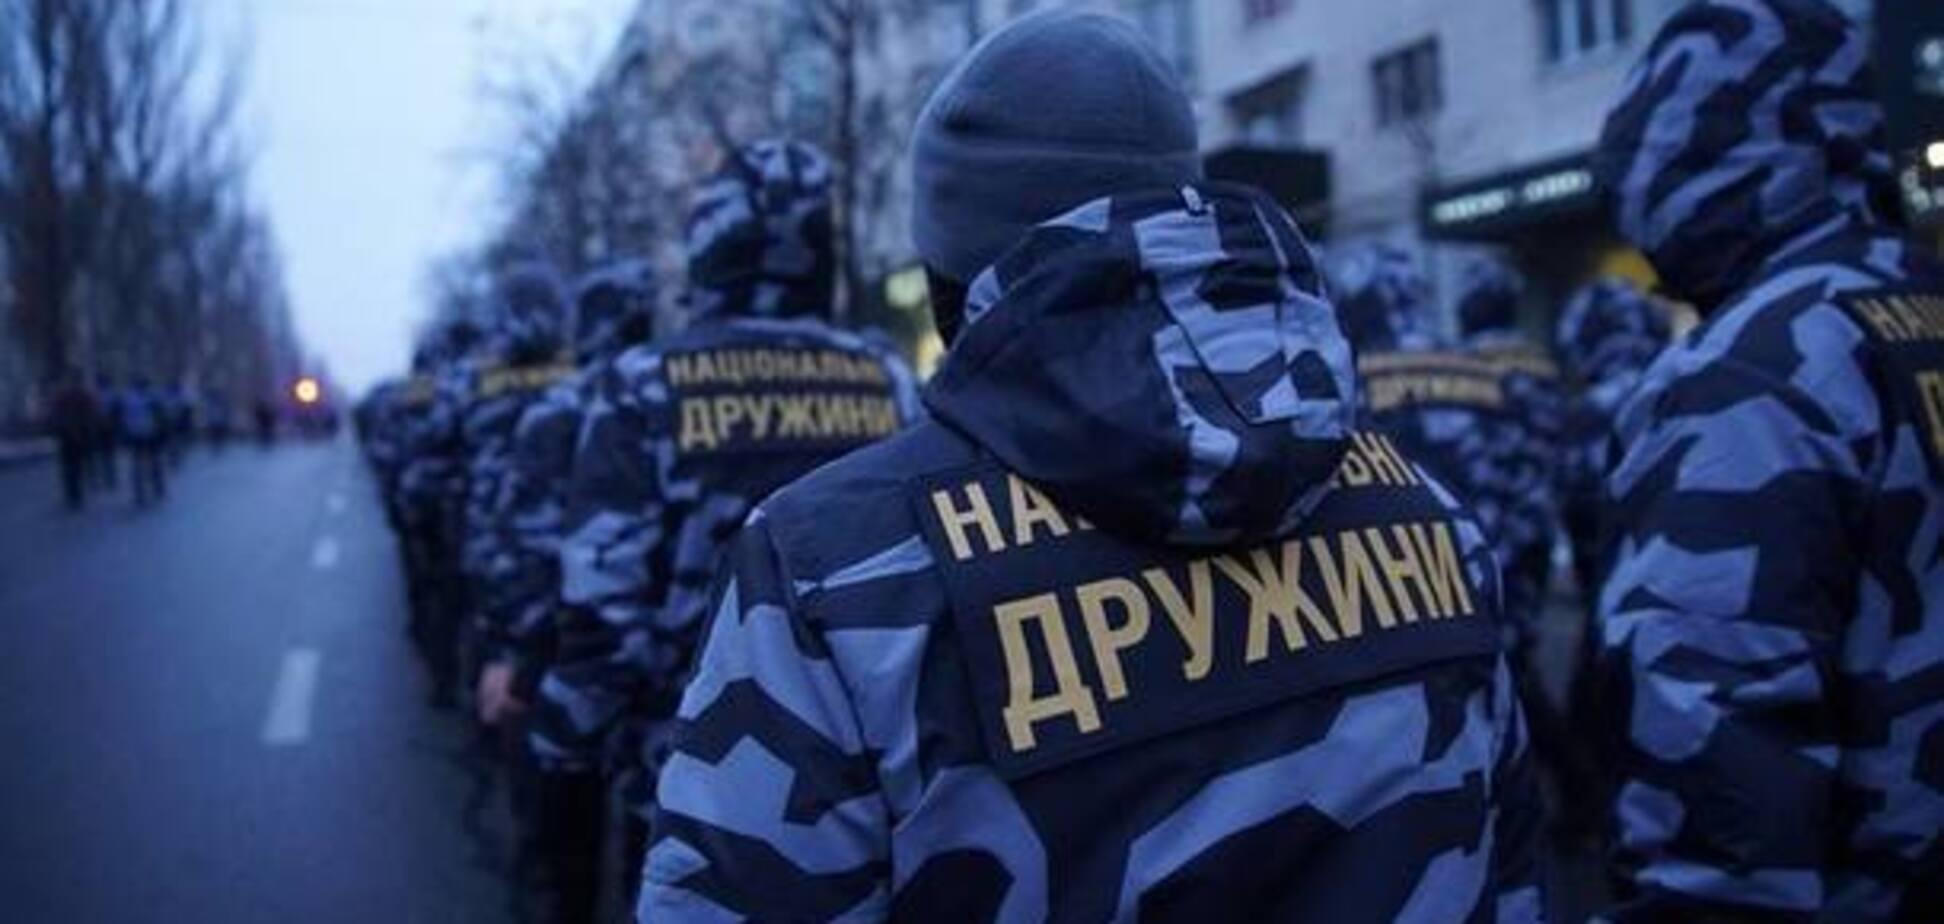 'Нацдружини' спостерігатимуть за виборами президента України